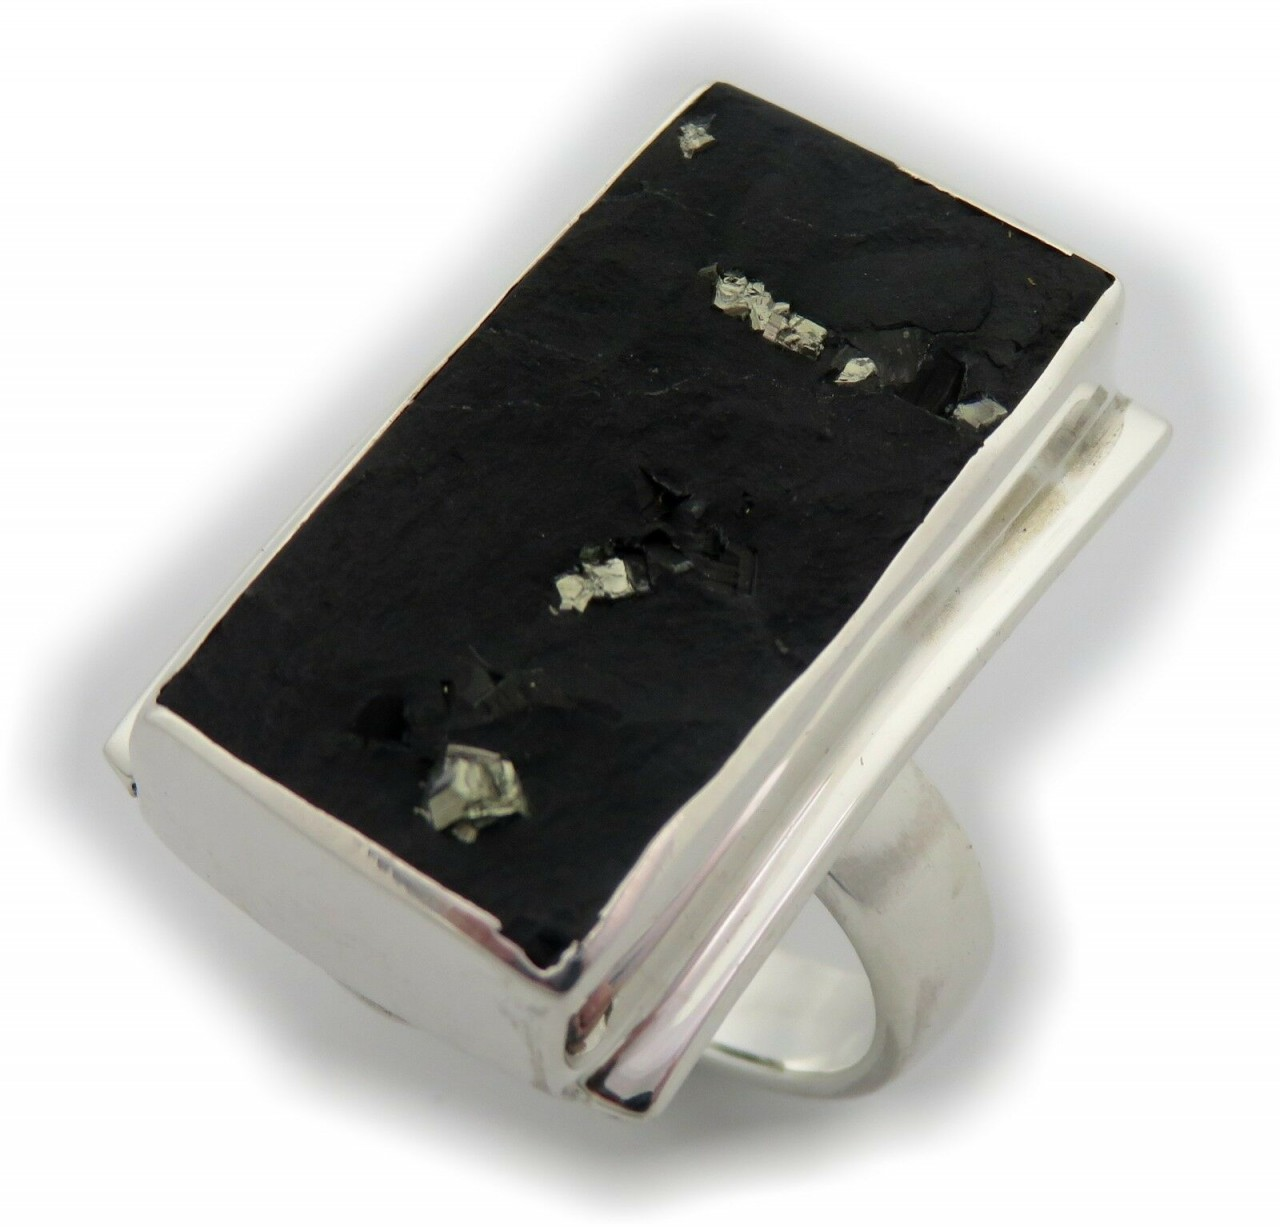 Neu Ring XL Schiefer Pyrit Silber 925 Sterlingsilber Unikat Einzelstück schwarz